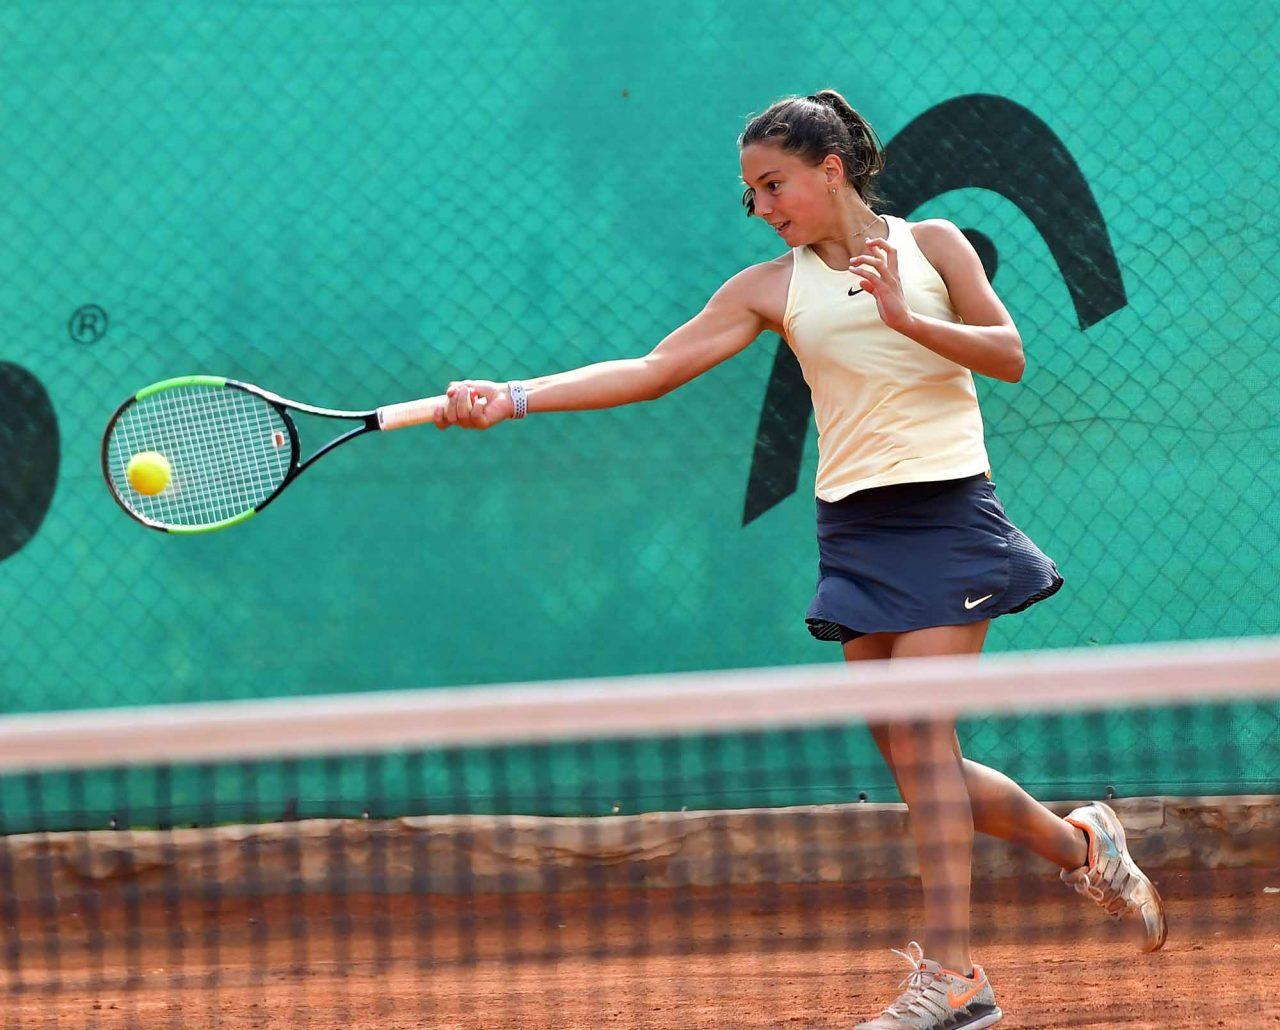 Държавно първенство тенис до 14 год. ТК 15-40 момичета (7)